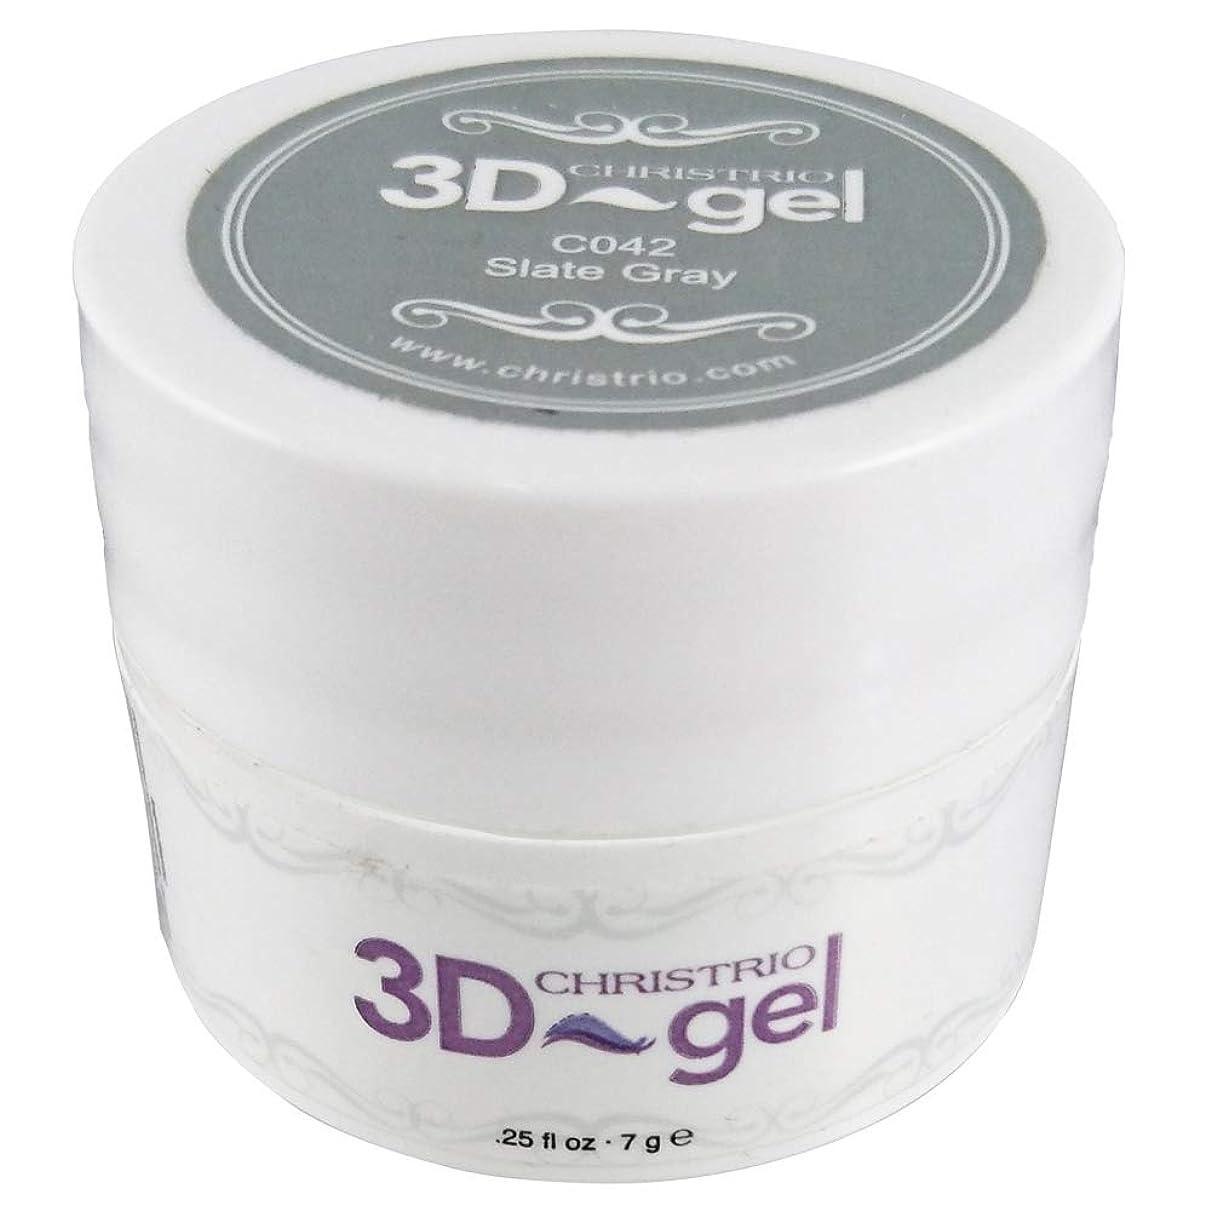 仕えるラメパトワCHRISTRIO 3Dジェル 7g C042 スレートグレイ